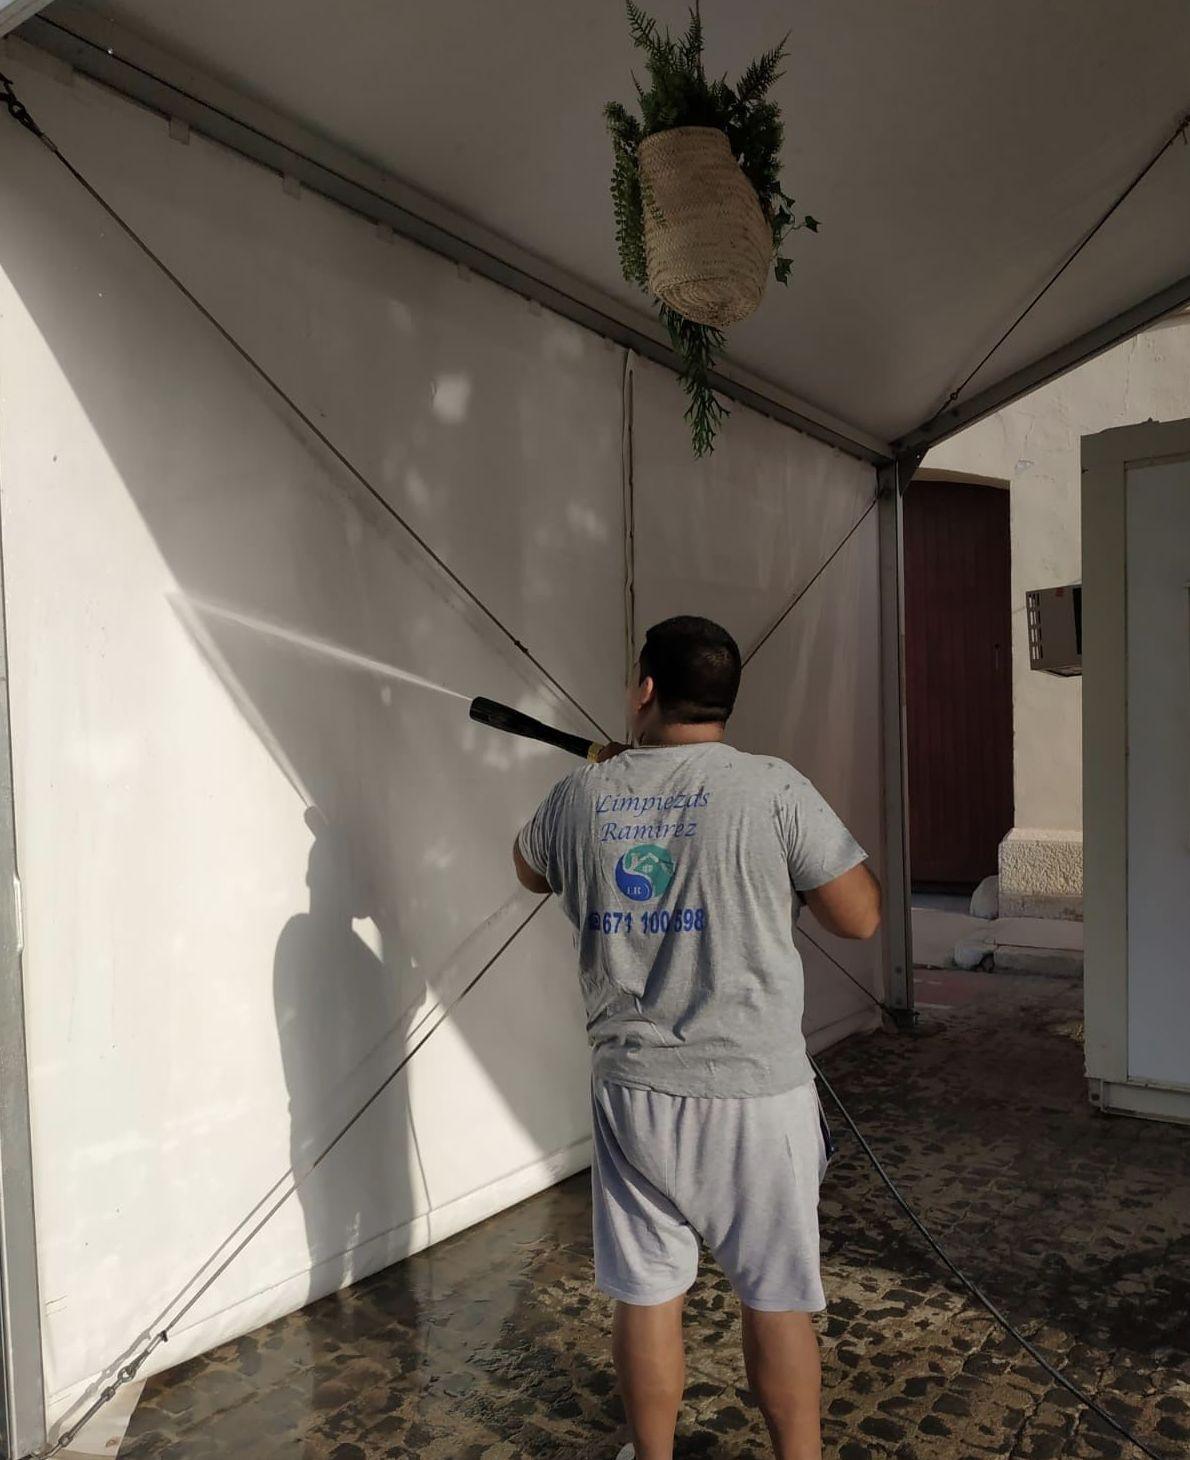 Foto 2 de Empresas de limpieza en gandia | LIMPIEZAS RAMIREZ